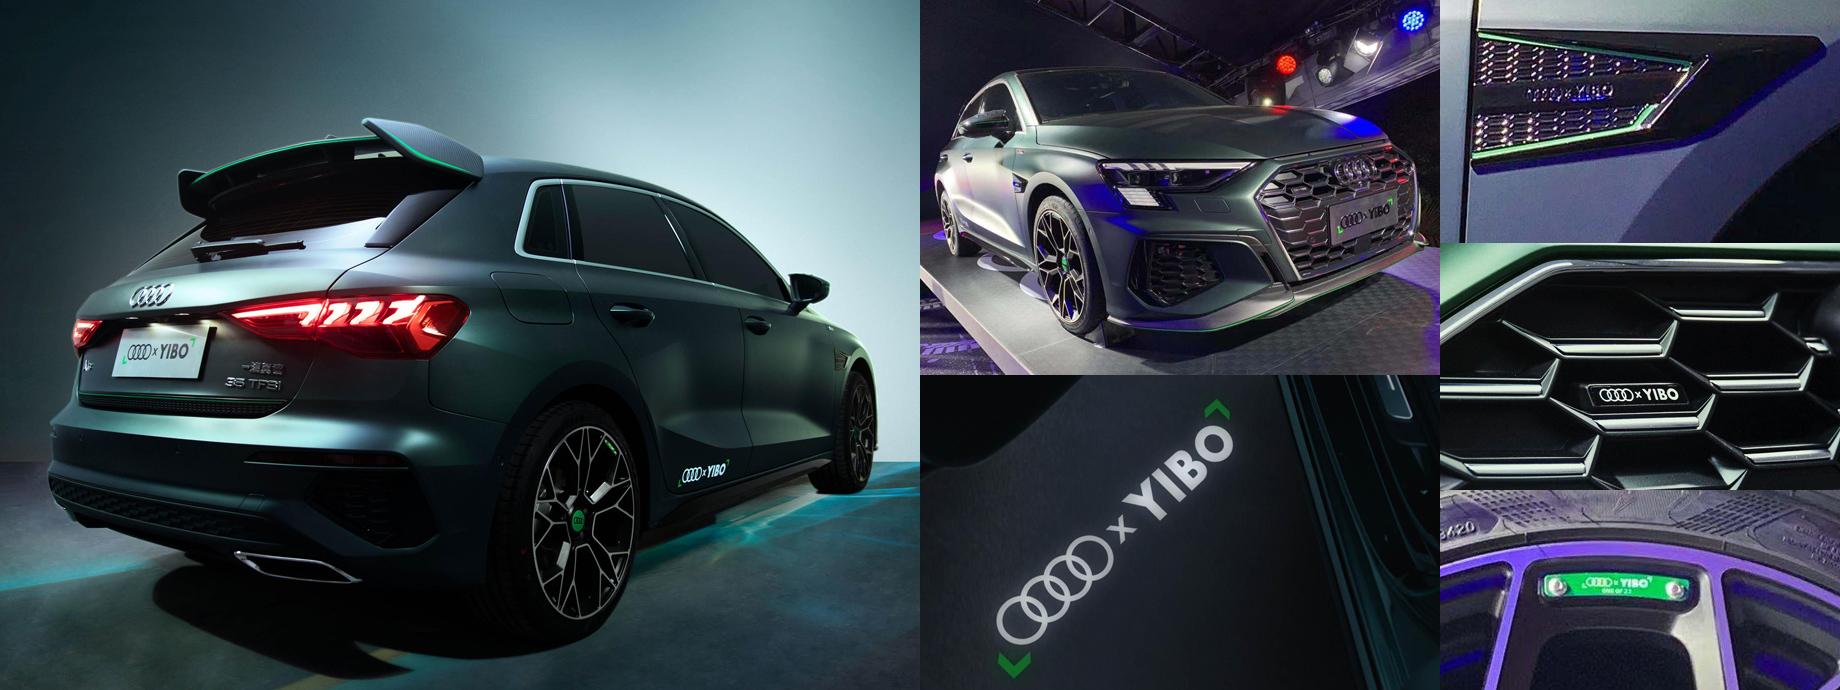 На автосалоне в Гуанчжоу представили хэтчбек Audi A3 Wang Yibo